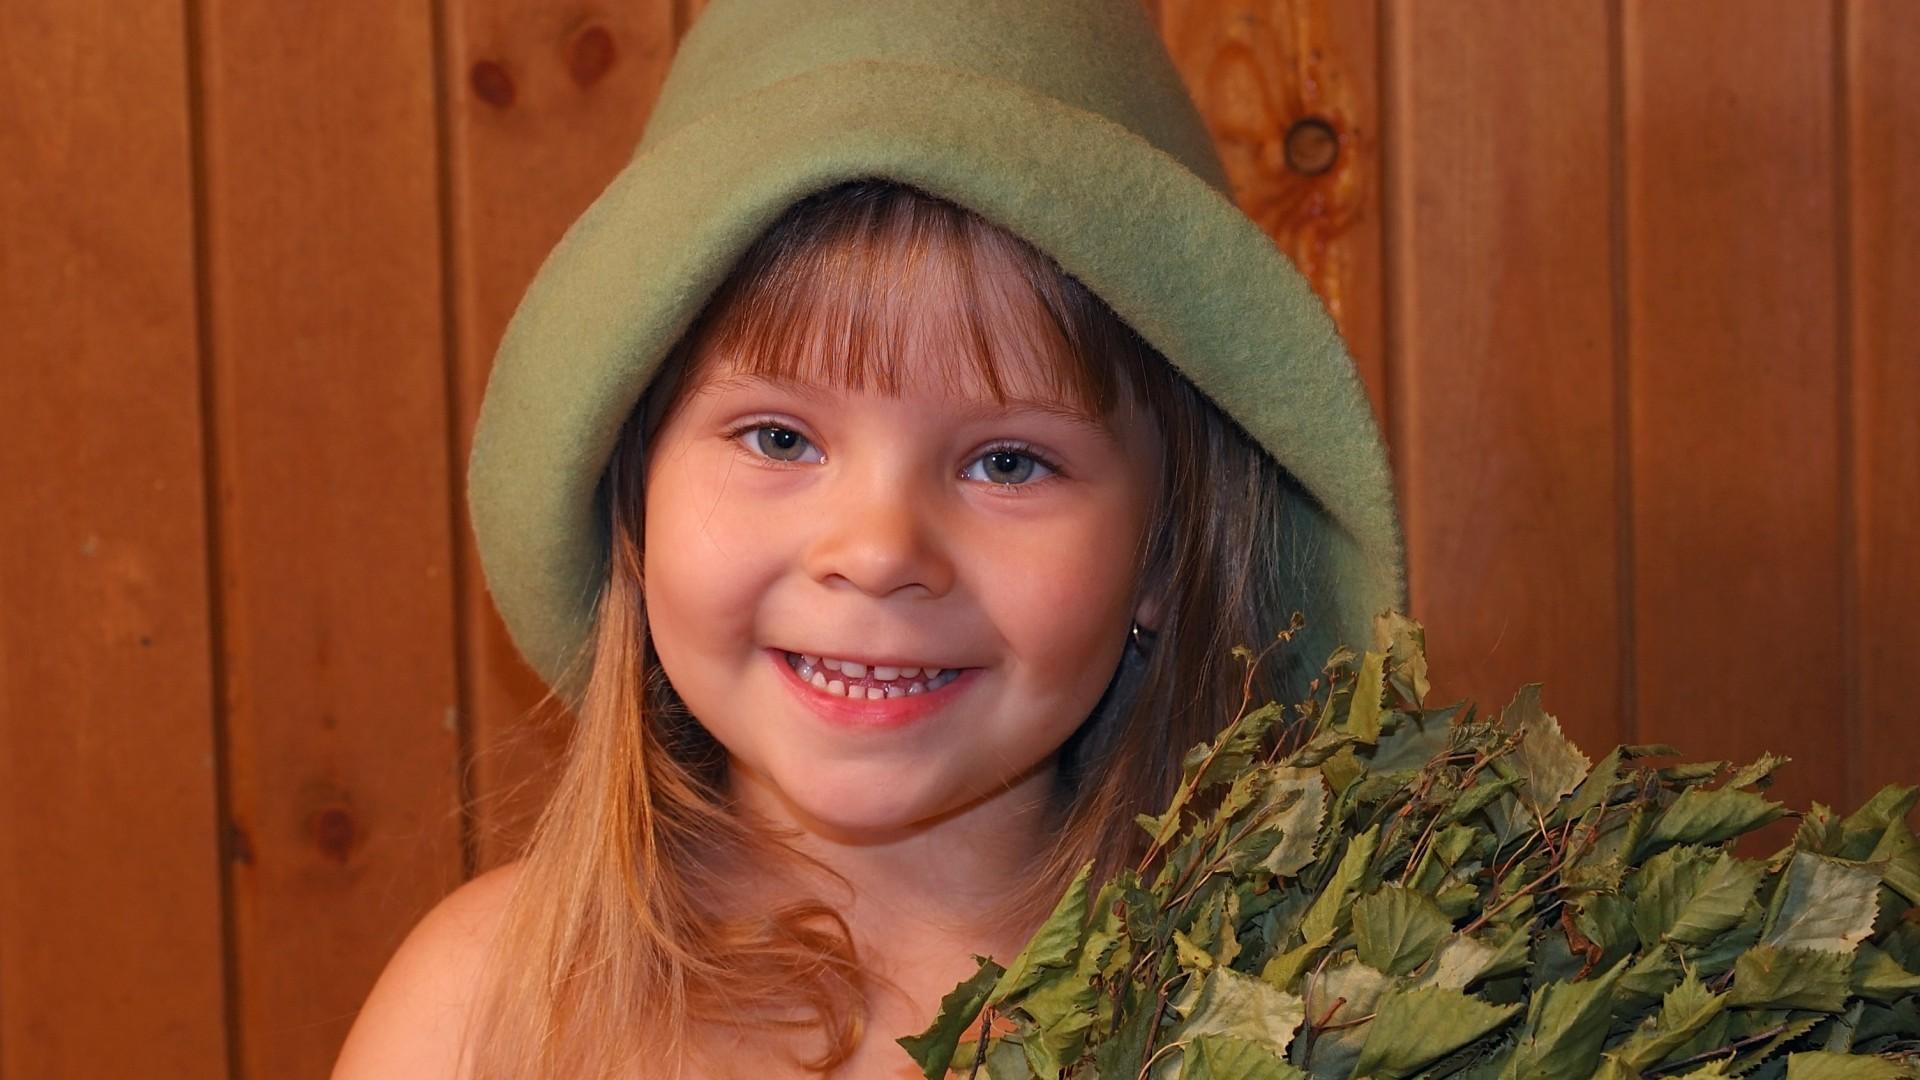 Прически на средние волосы для девочек 7 лет